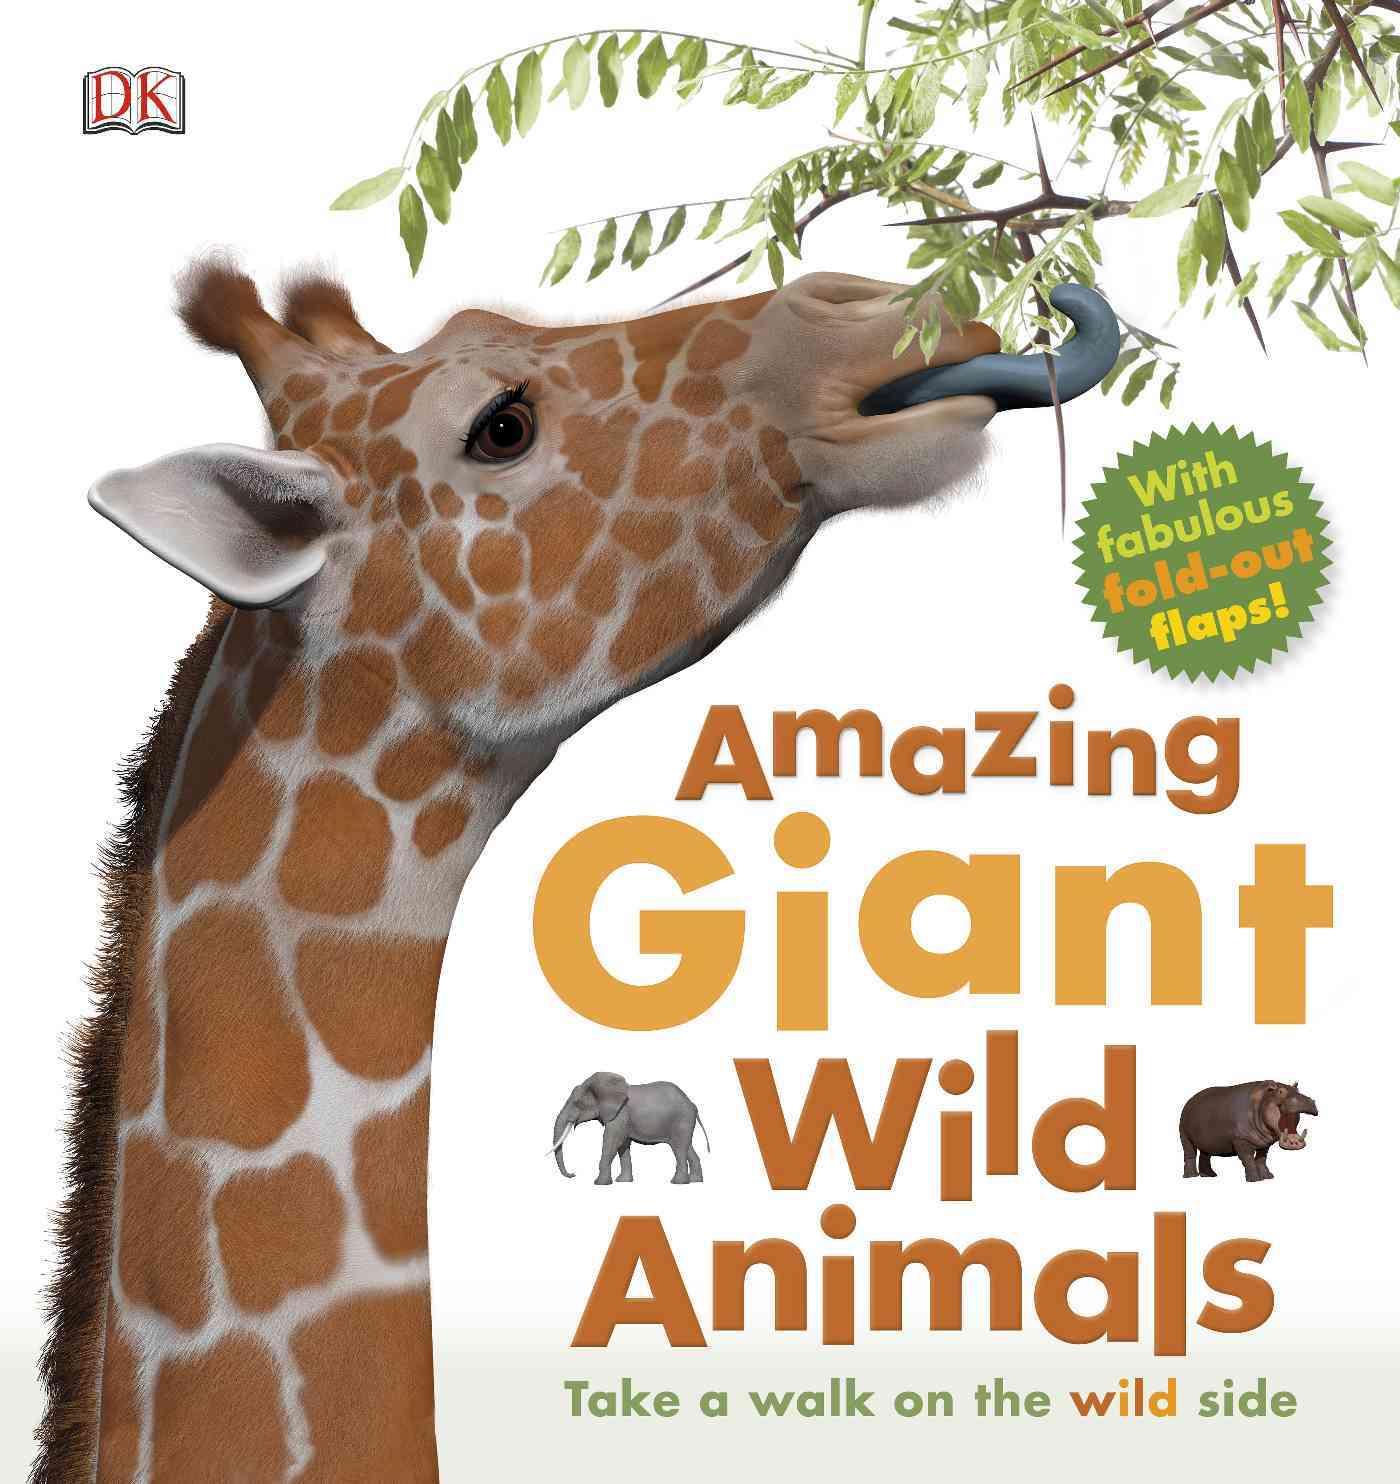 Amazing Giant Wild Animals By Dorling Kindersley, Inc. (COR)